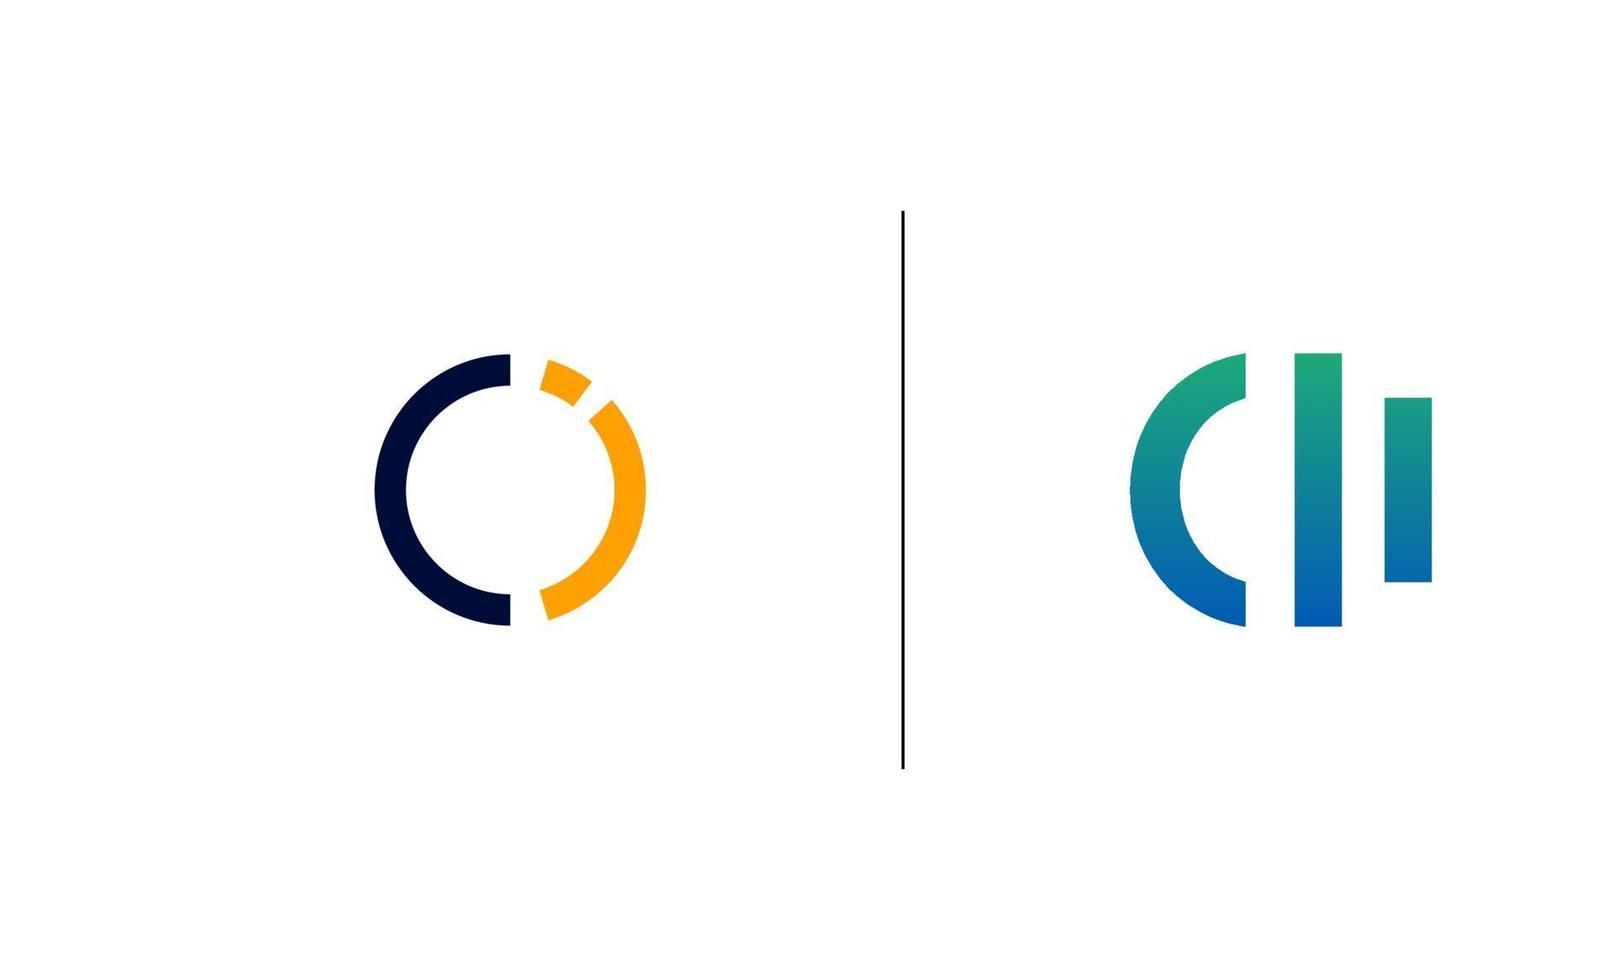 vetor de modelo de design de logotipo inicial ci, ic